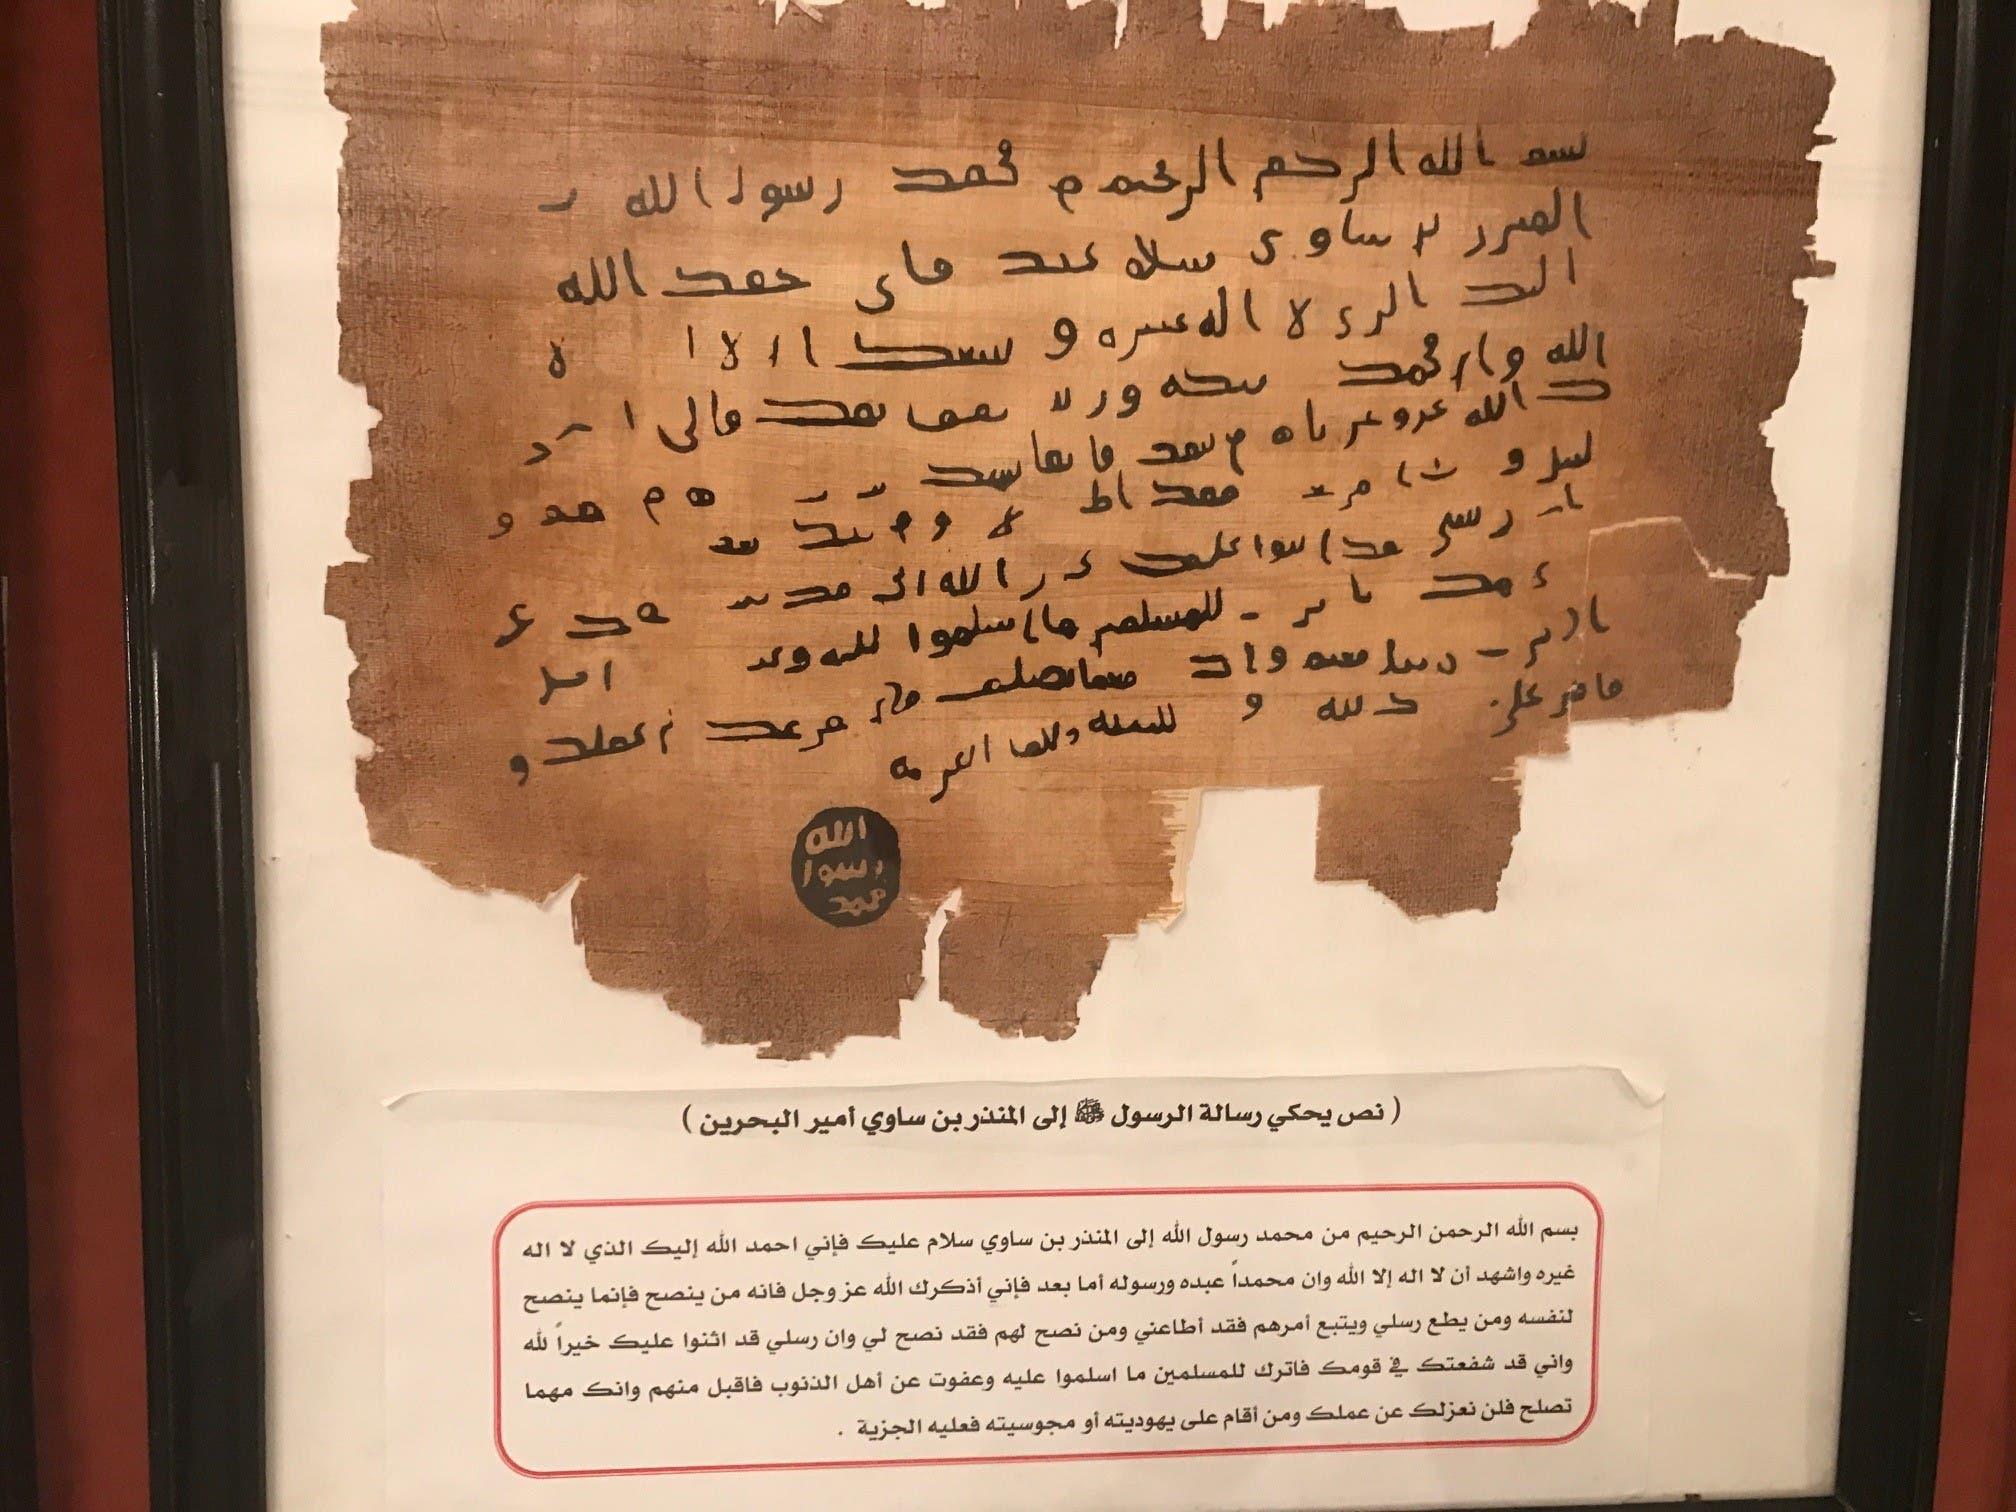 بالصور.. رسائل النبي محمد ملوك 73c0c810-9ca2-47f0-9